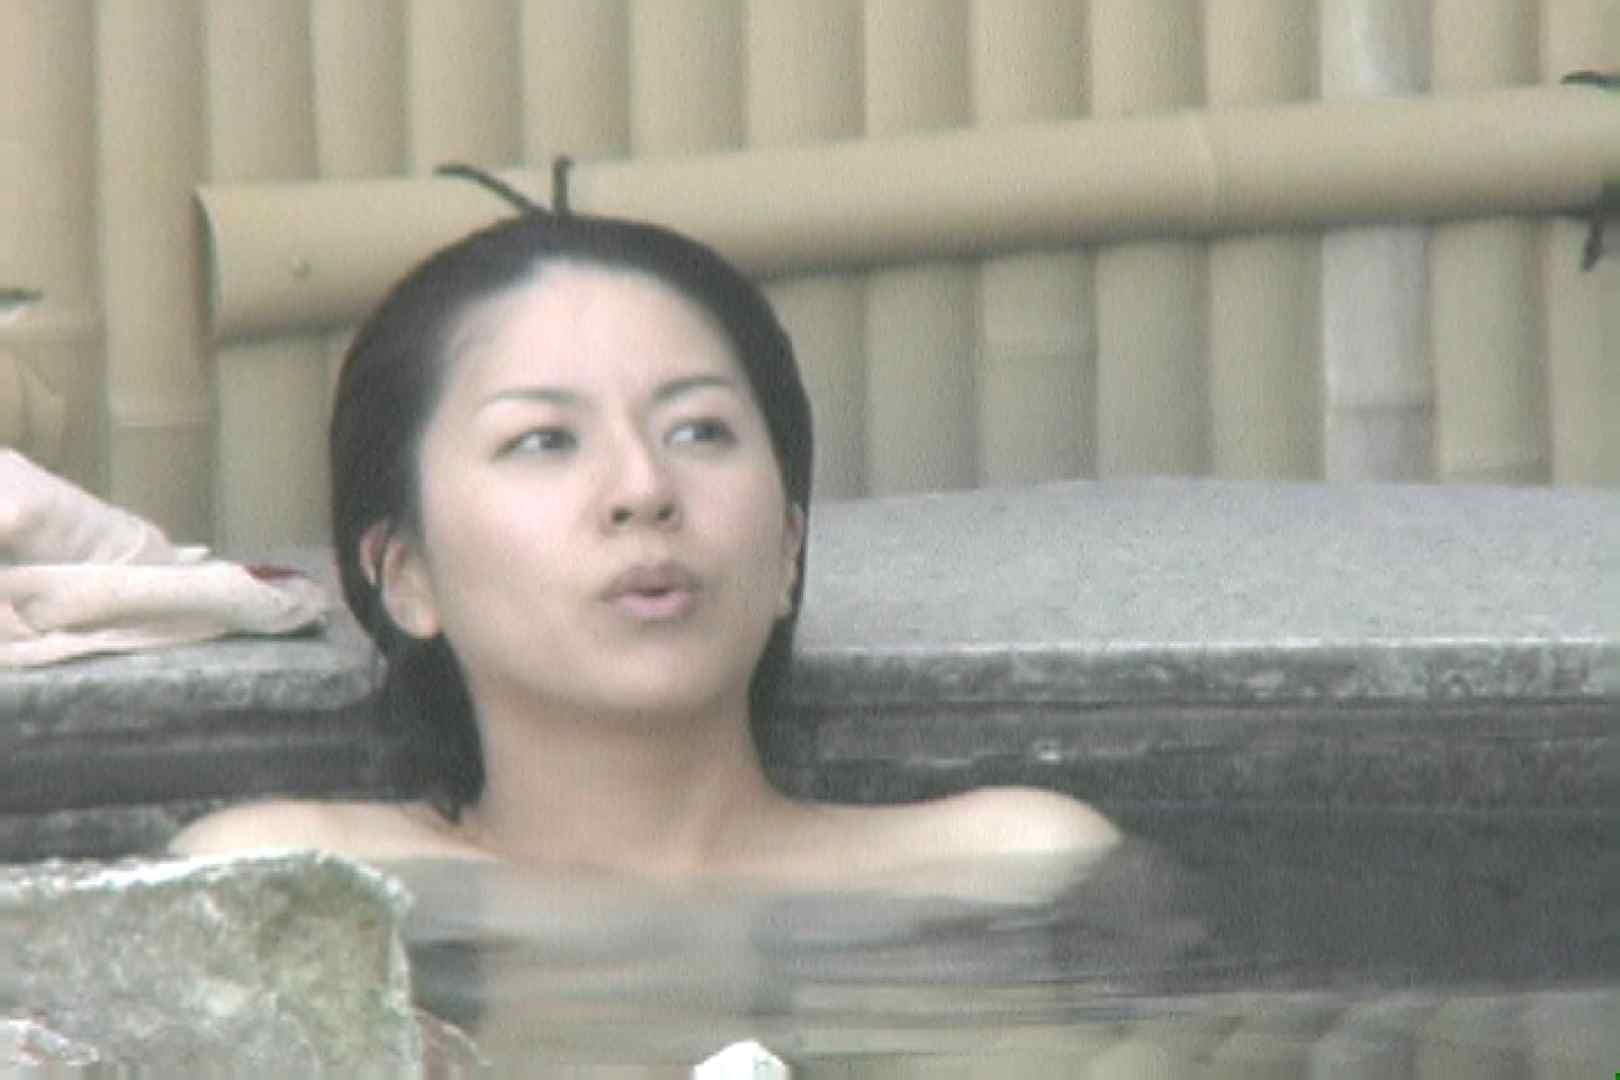 Aquaな露天風呂Vol.694 露天  67画像 21